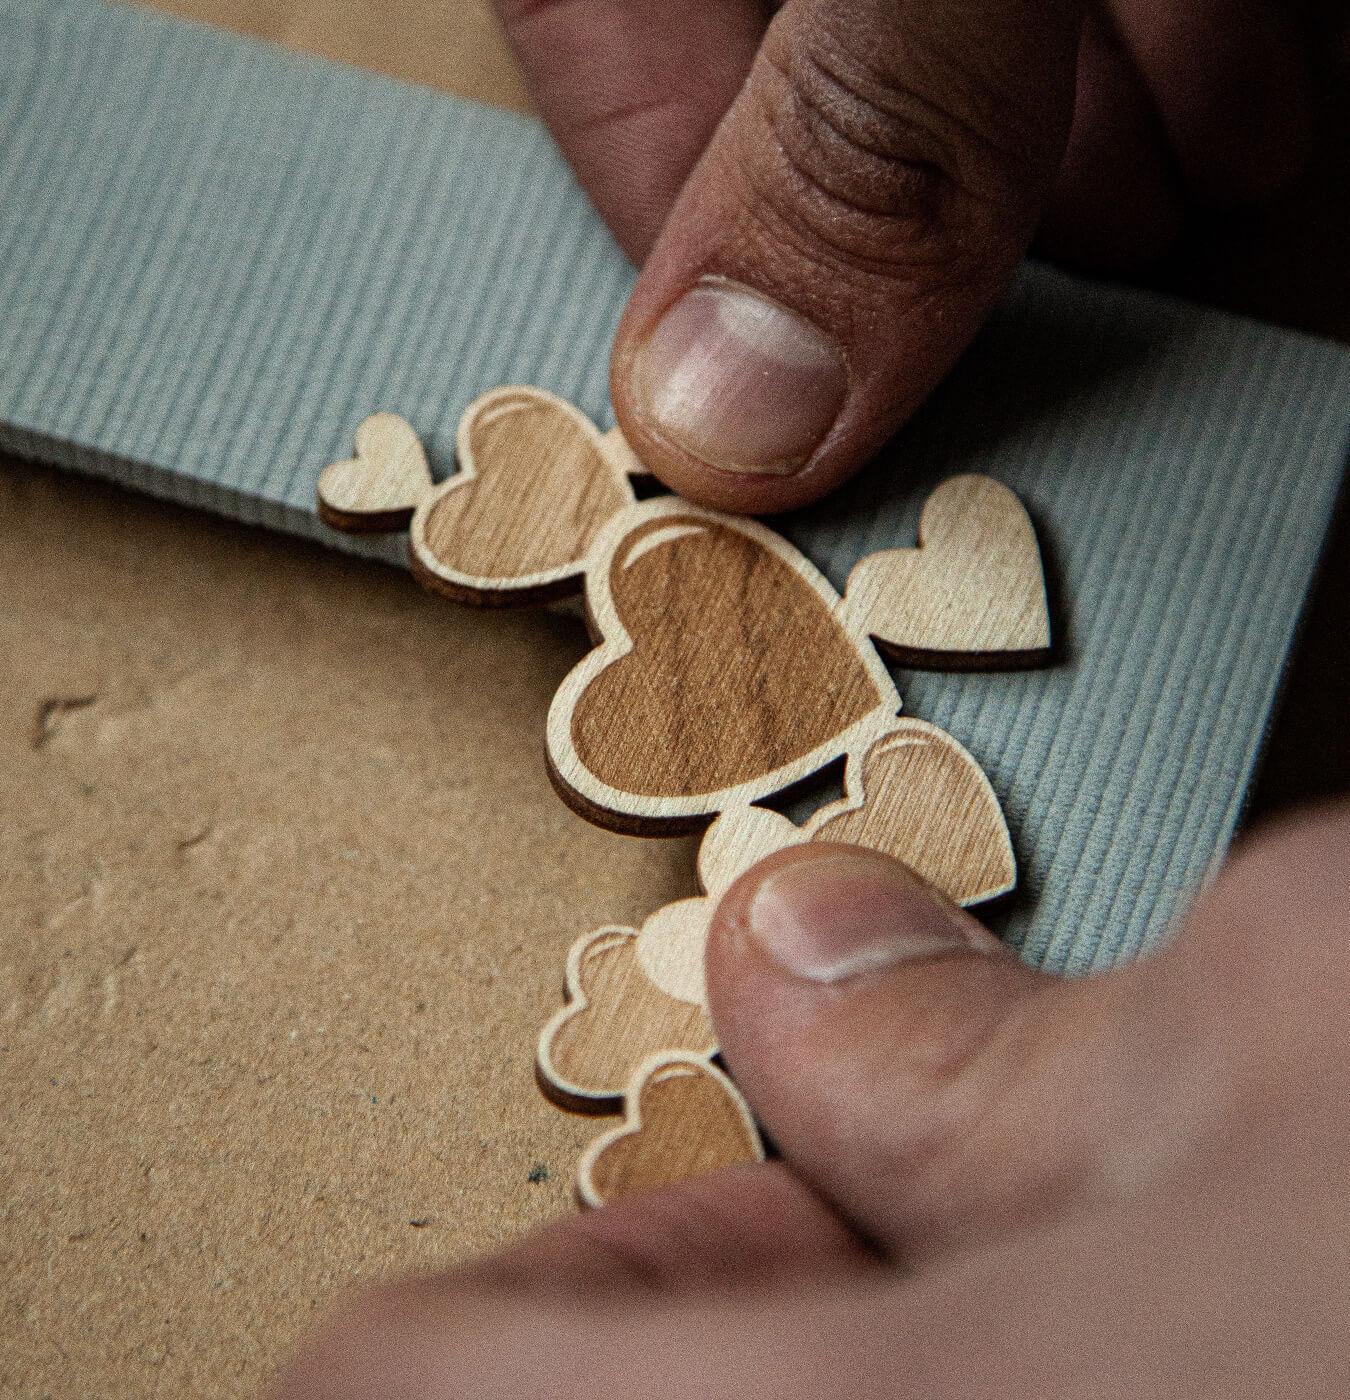 artigiano applica cuori su cornice portafoto